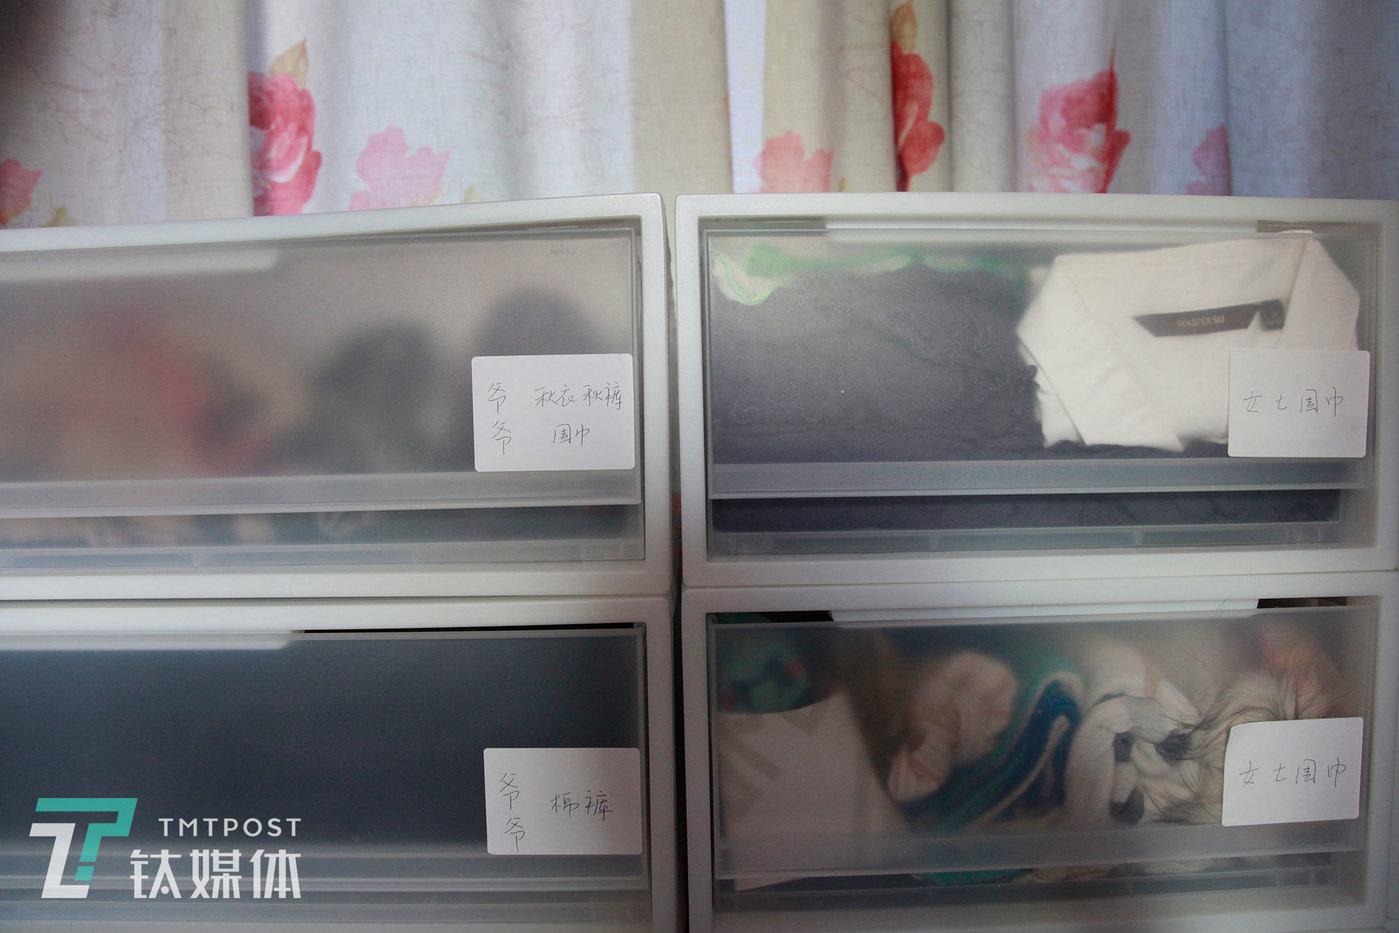 邵帅将房主不常穿的衣物放进收纳箱里并用标签纸标记。